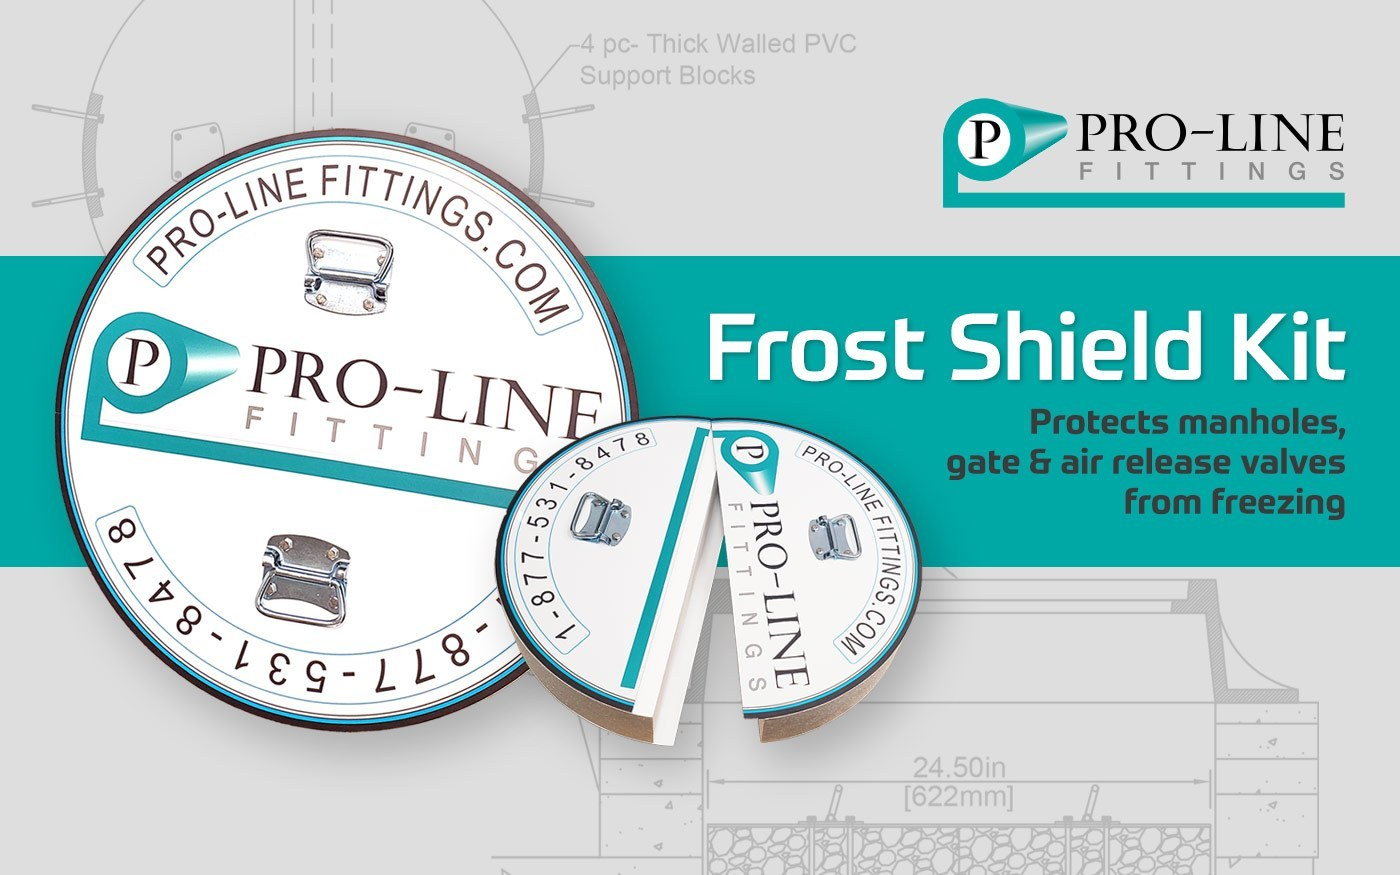 Frost Shield Kit